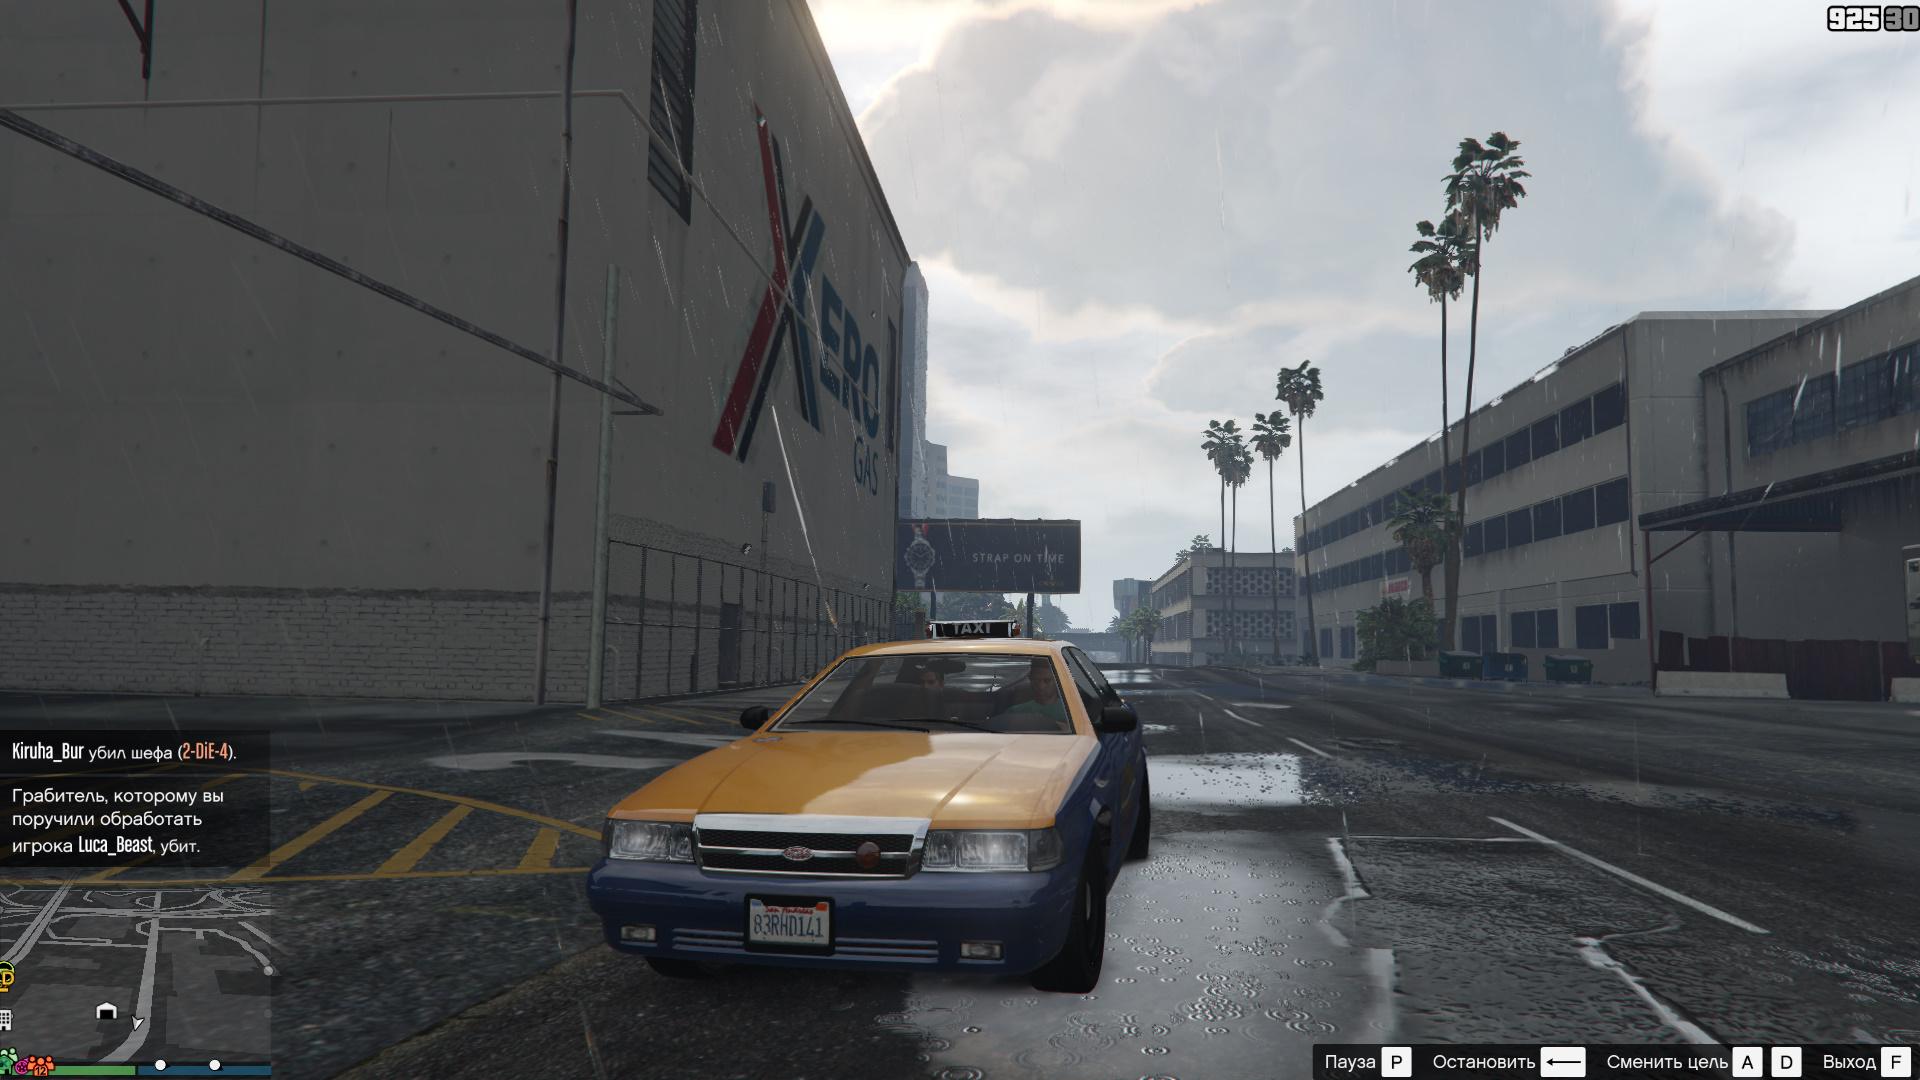 GTA5 2017-04-16 15-19-11-600.jpg - Grand Theft Auto 5 Открытый мир